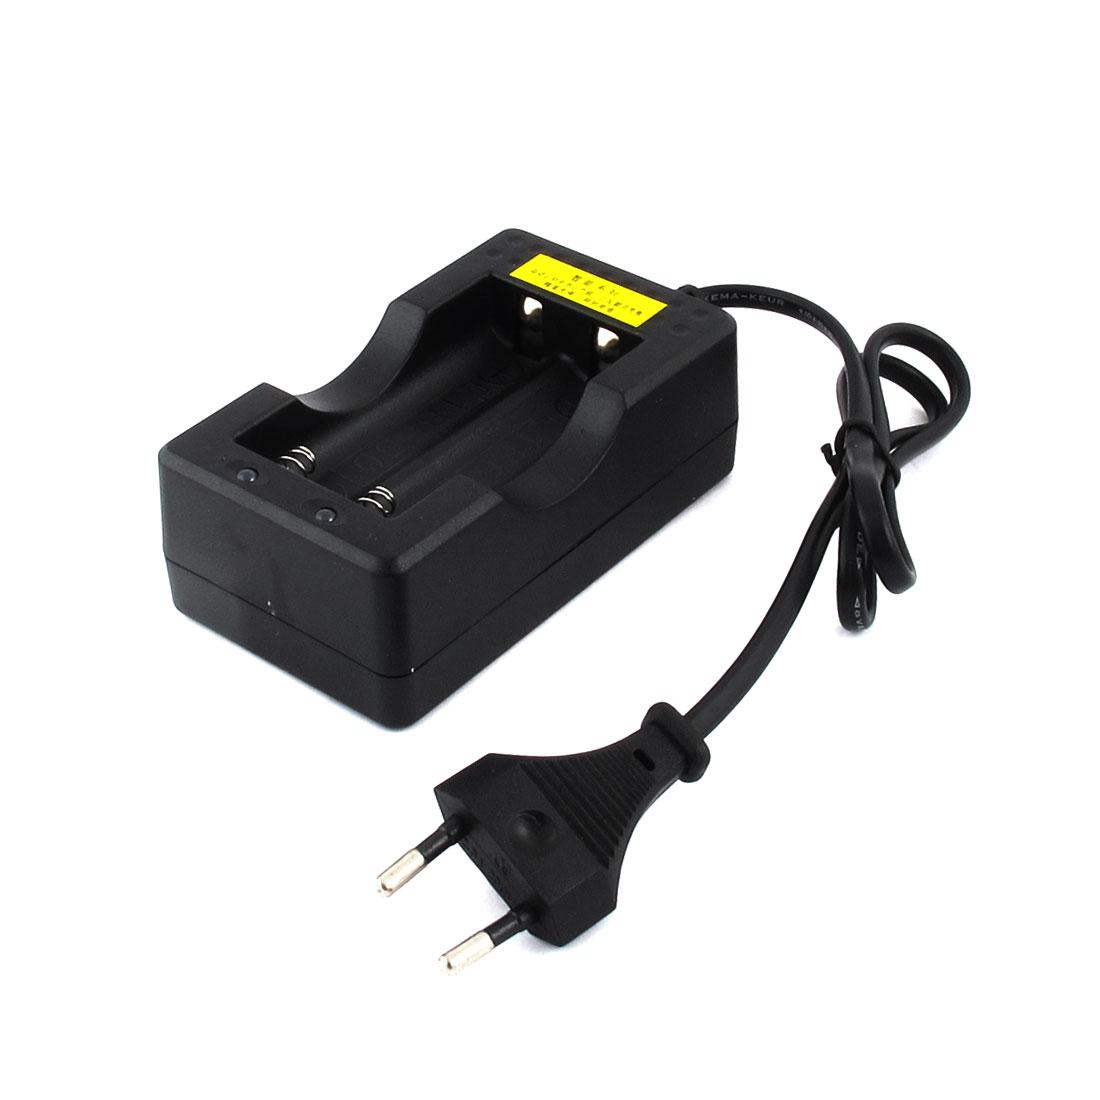 EU Plug AC 100-240V DC 4.2V 1A x 2 Rechargeable 2 x 18650 Li-ion Battery Charger